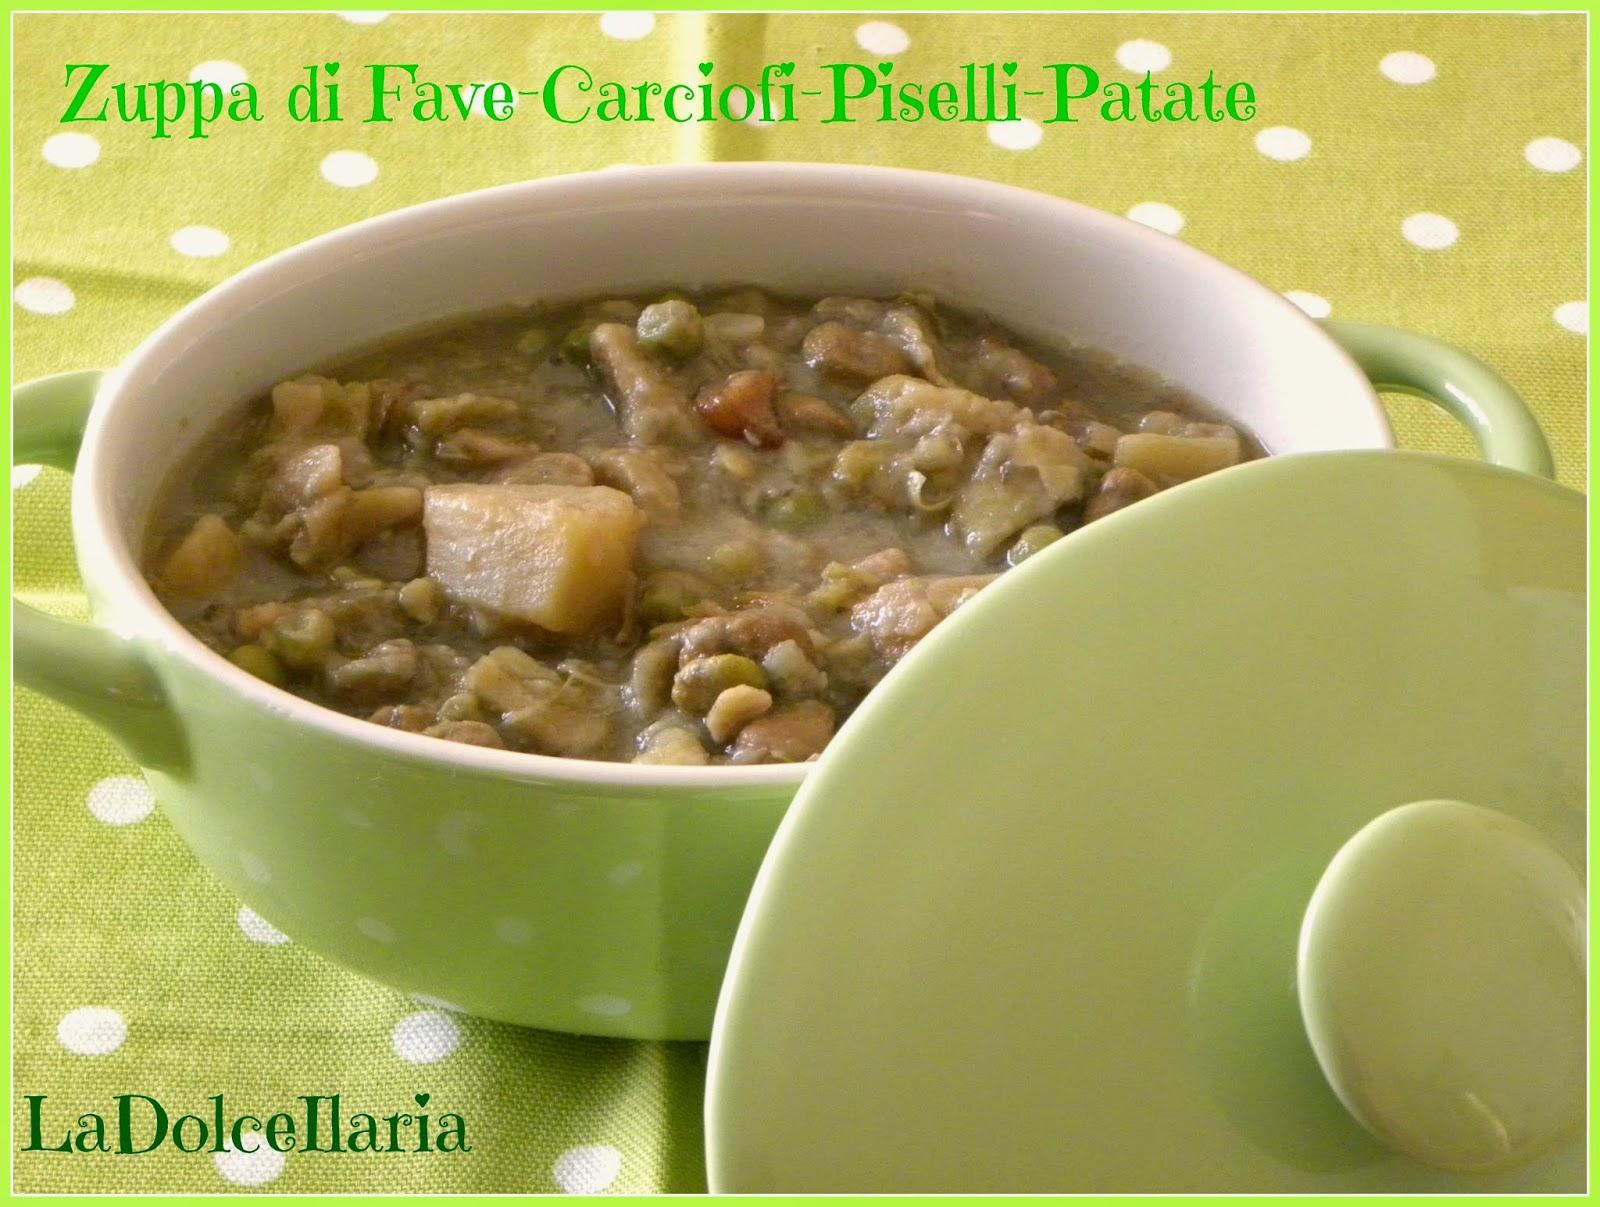 zuppa di fave-carciofi-piselli-patate